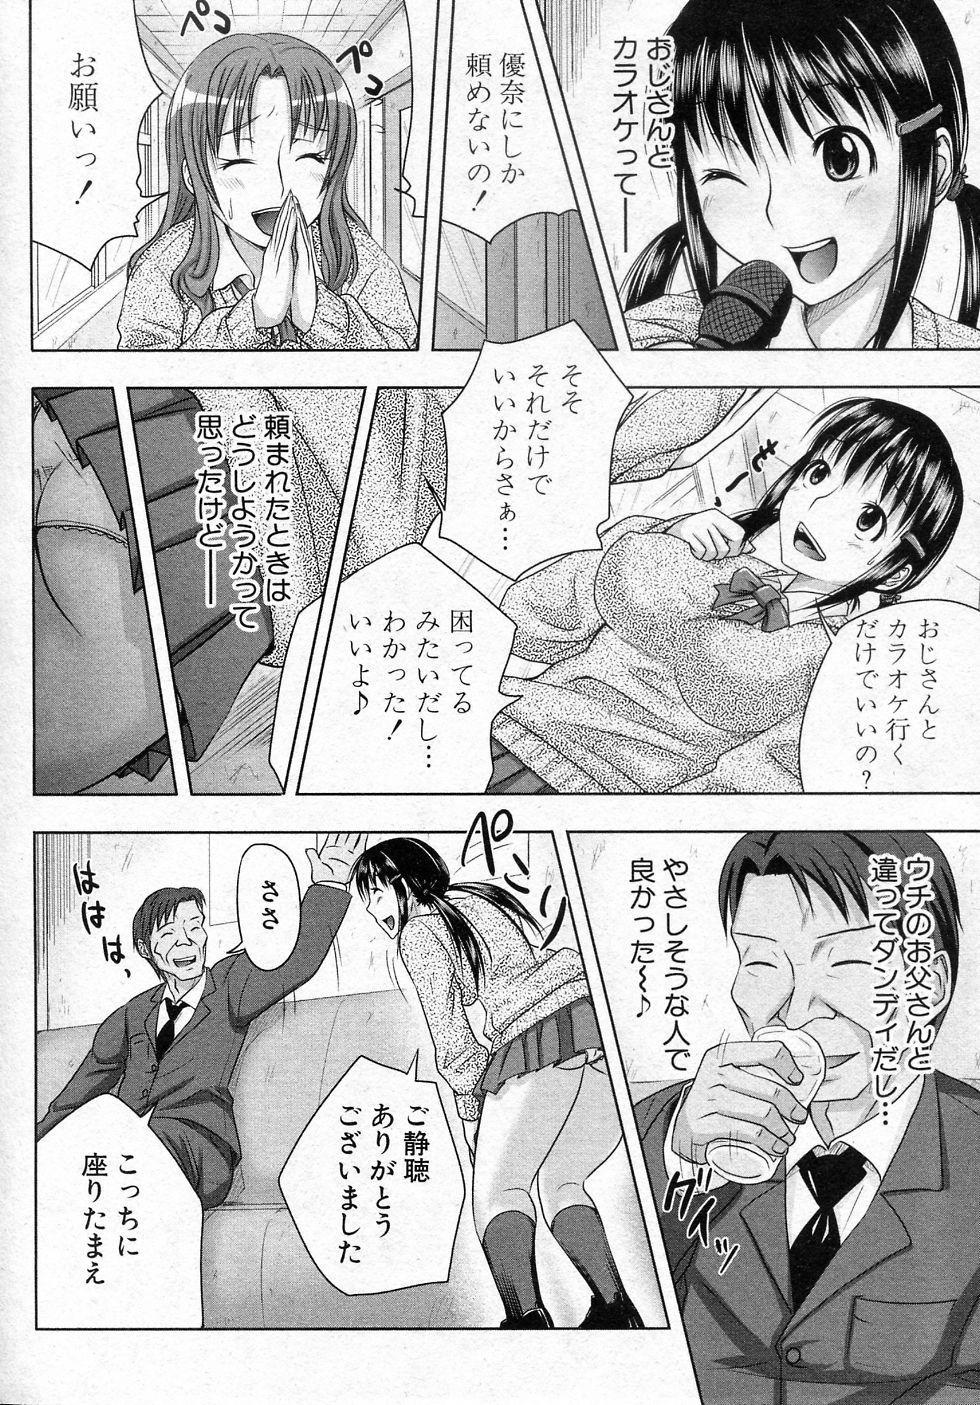 Yuutousei Ooshima Yuna no Yudan 1